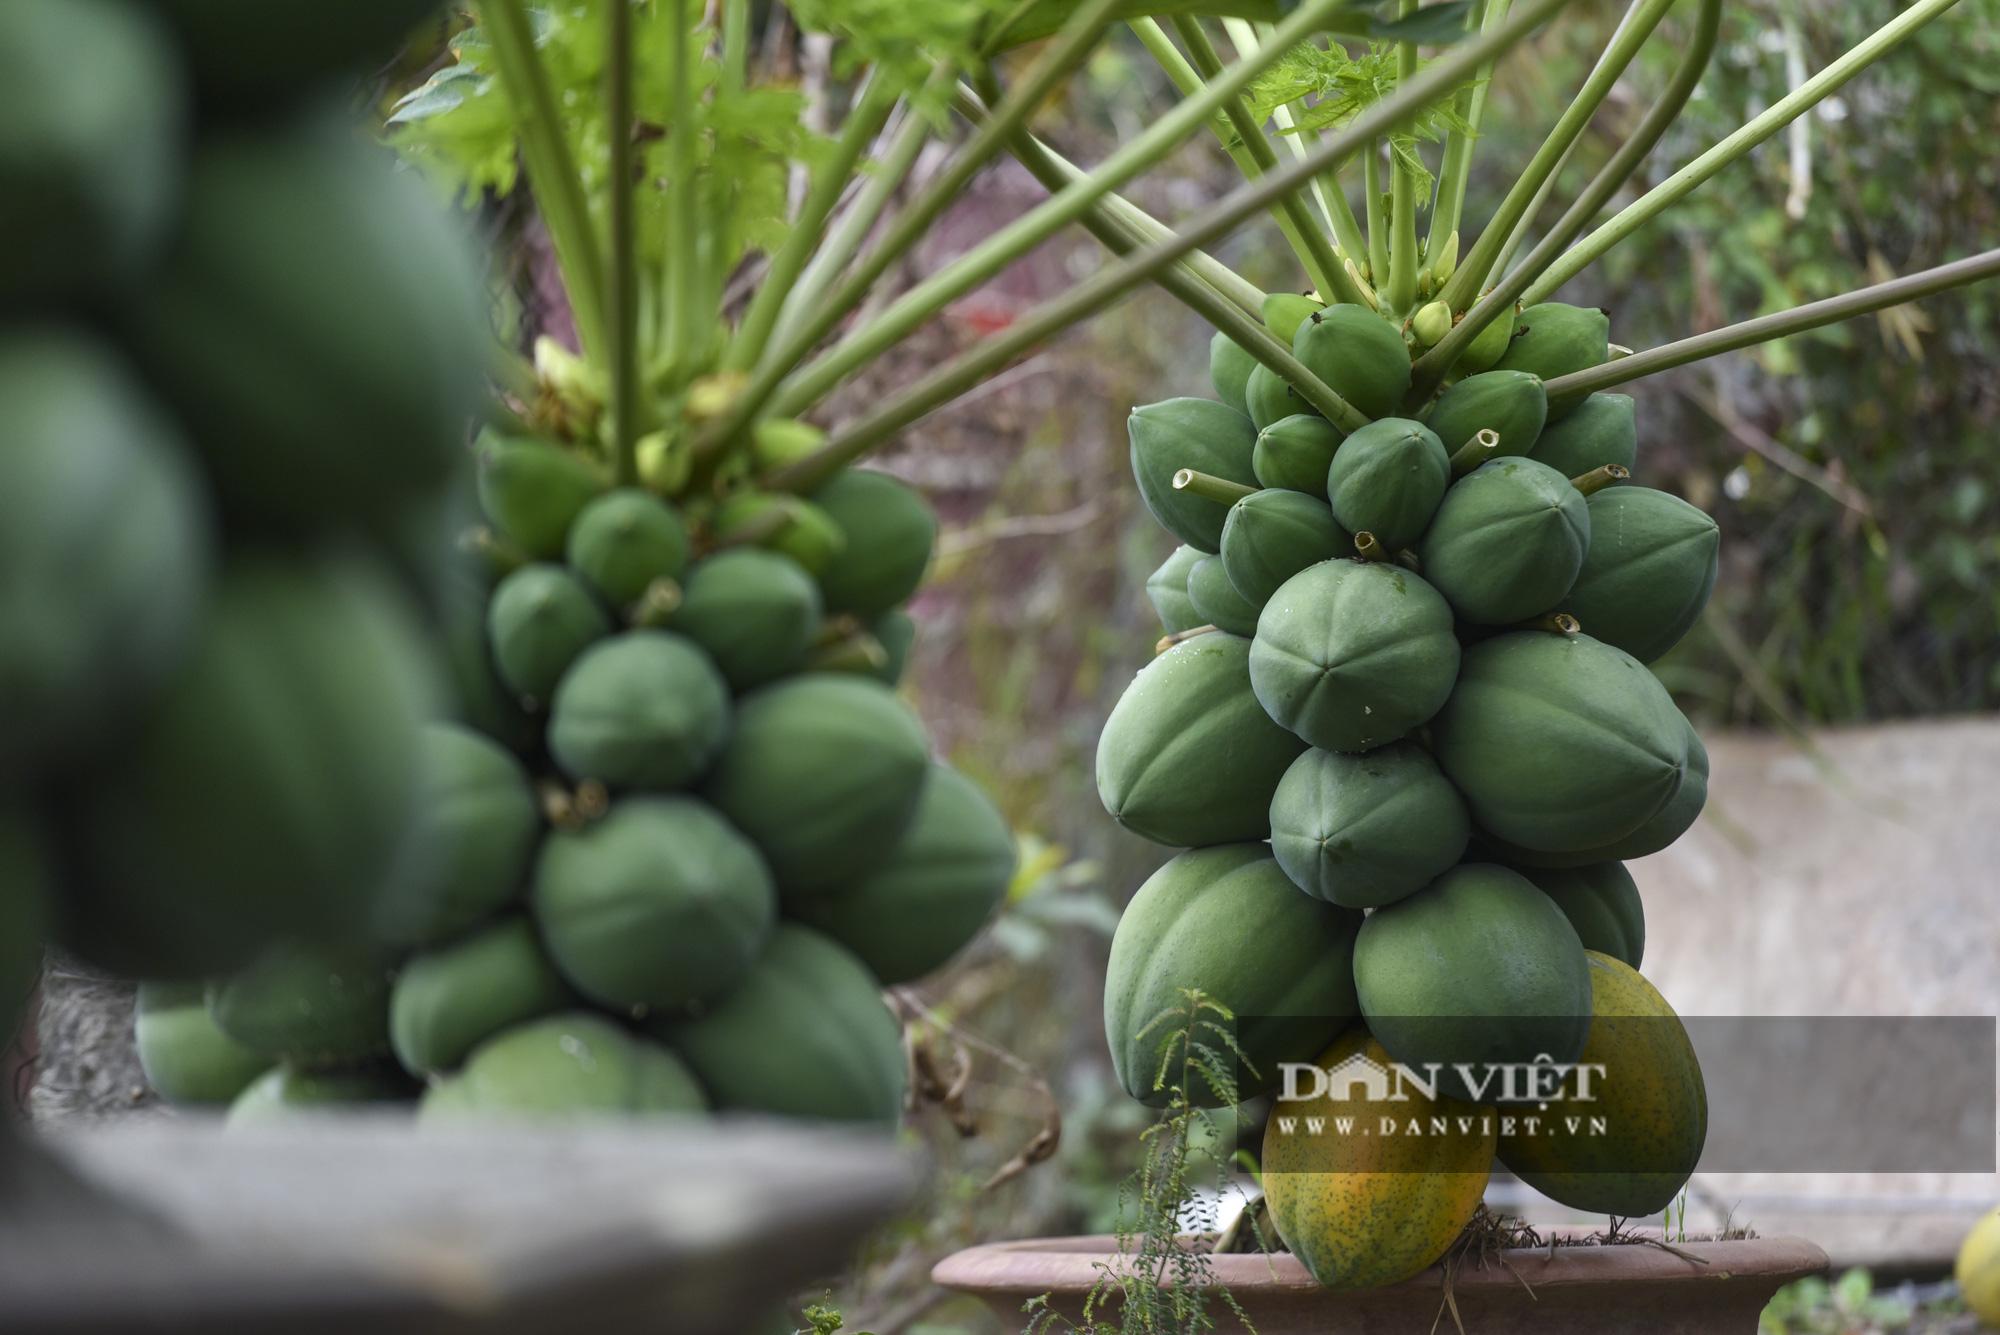 Độc đáo vườn đu đủ bonsai trĩu quả chơi Tết, mỗi cây giá bạc triệu hút khách mua chơi Tết - Ảnh 3.